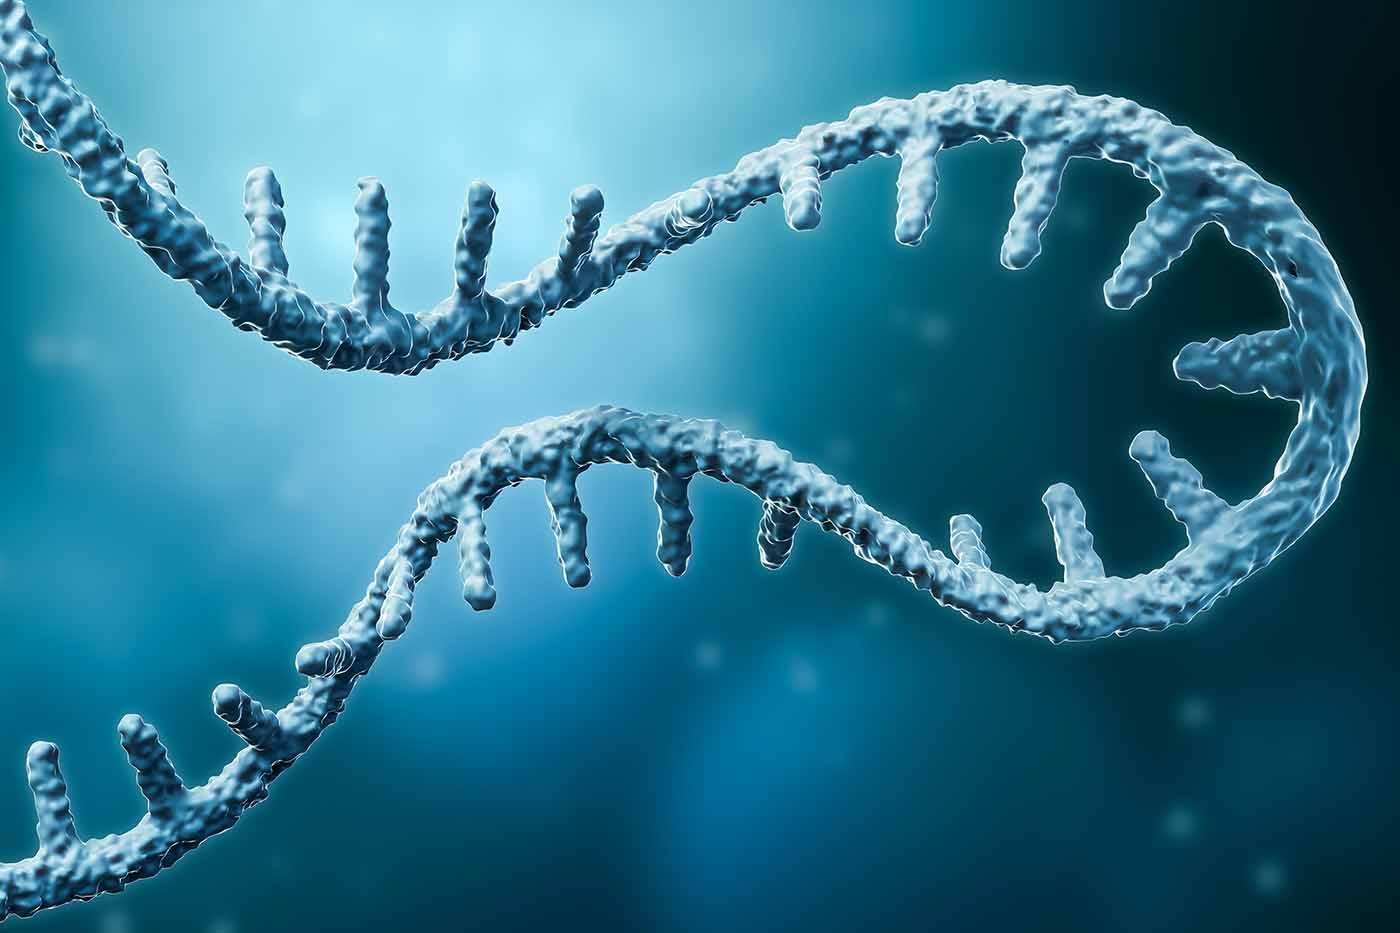 У человека генетическая информация может идти в обратную сторону